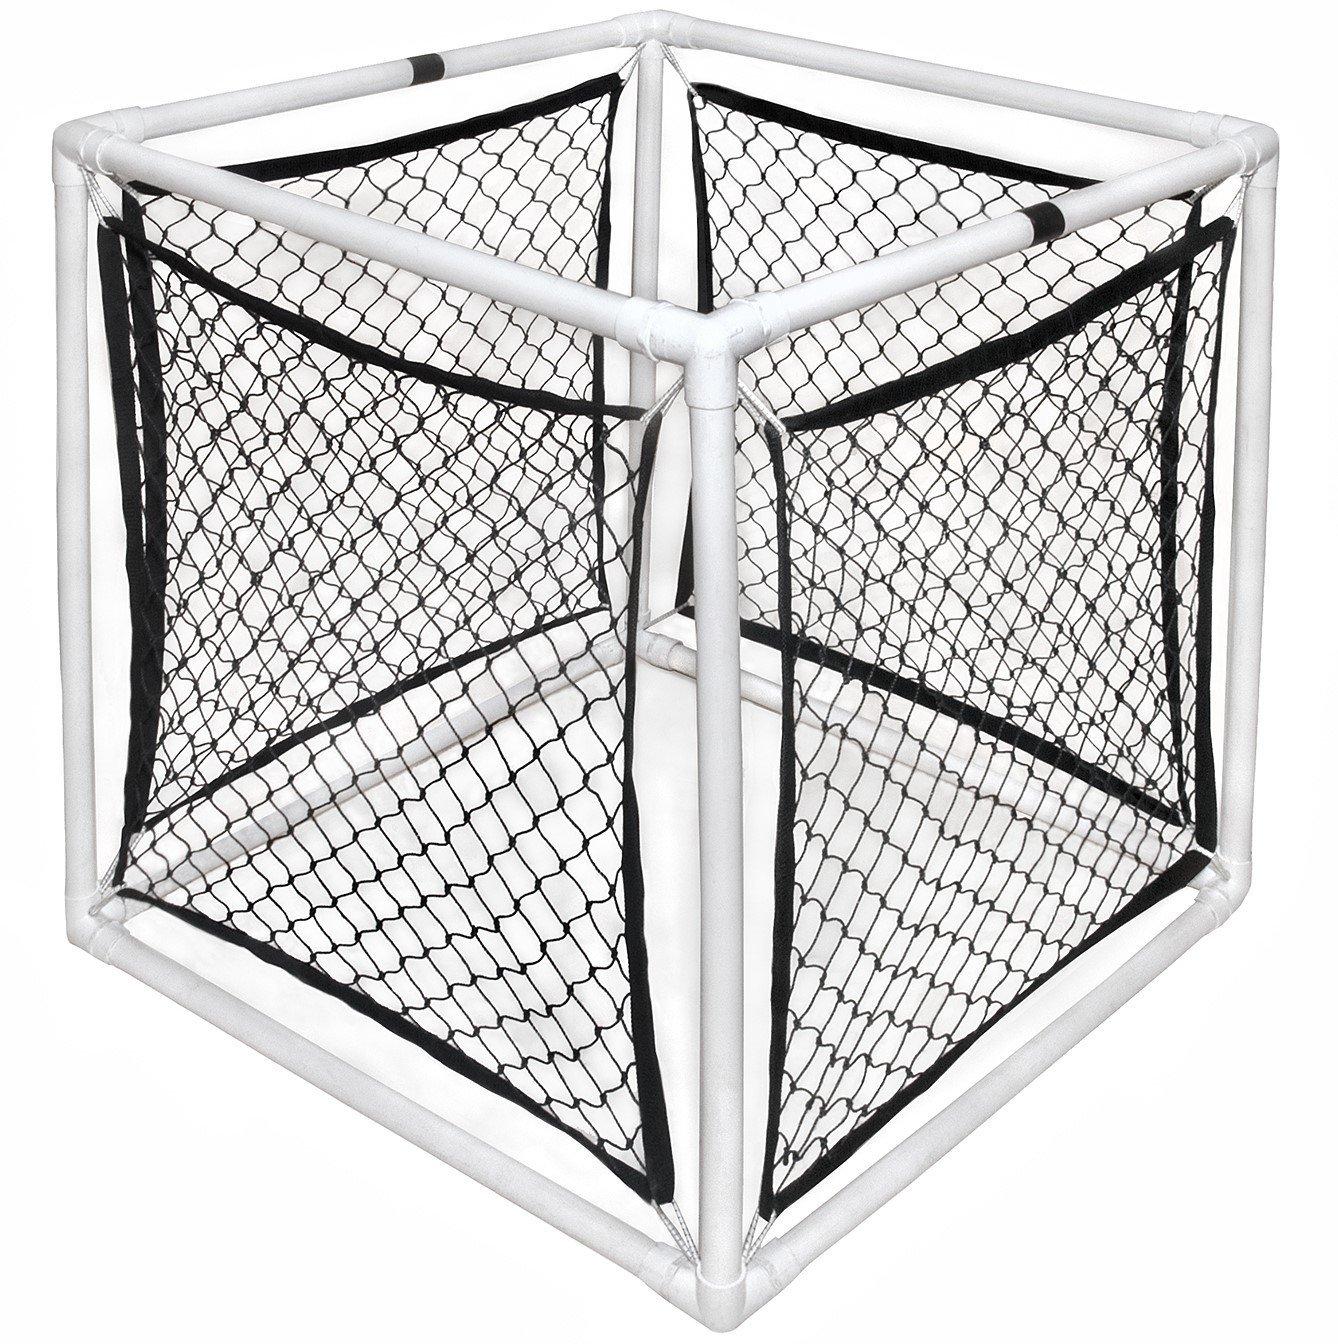 キューブSoccer Goal – ゲームとトレーナー B074Q4B2HW